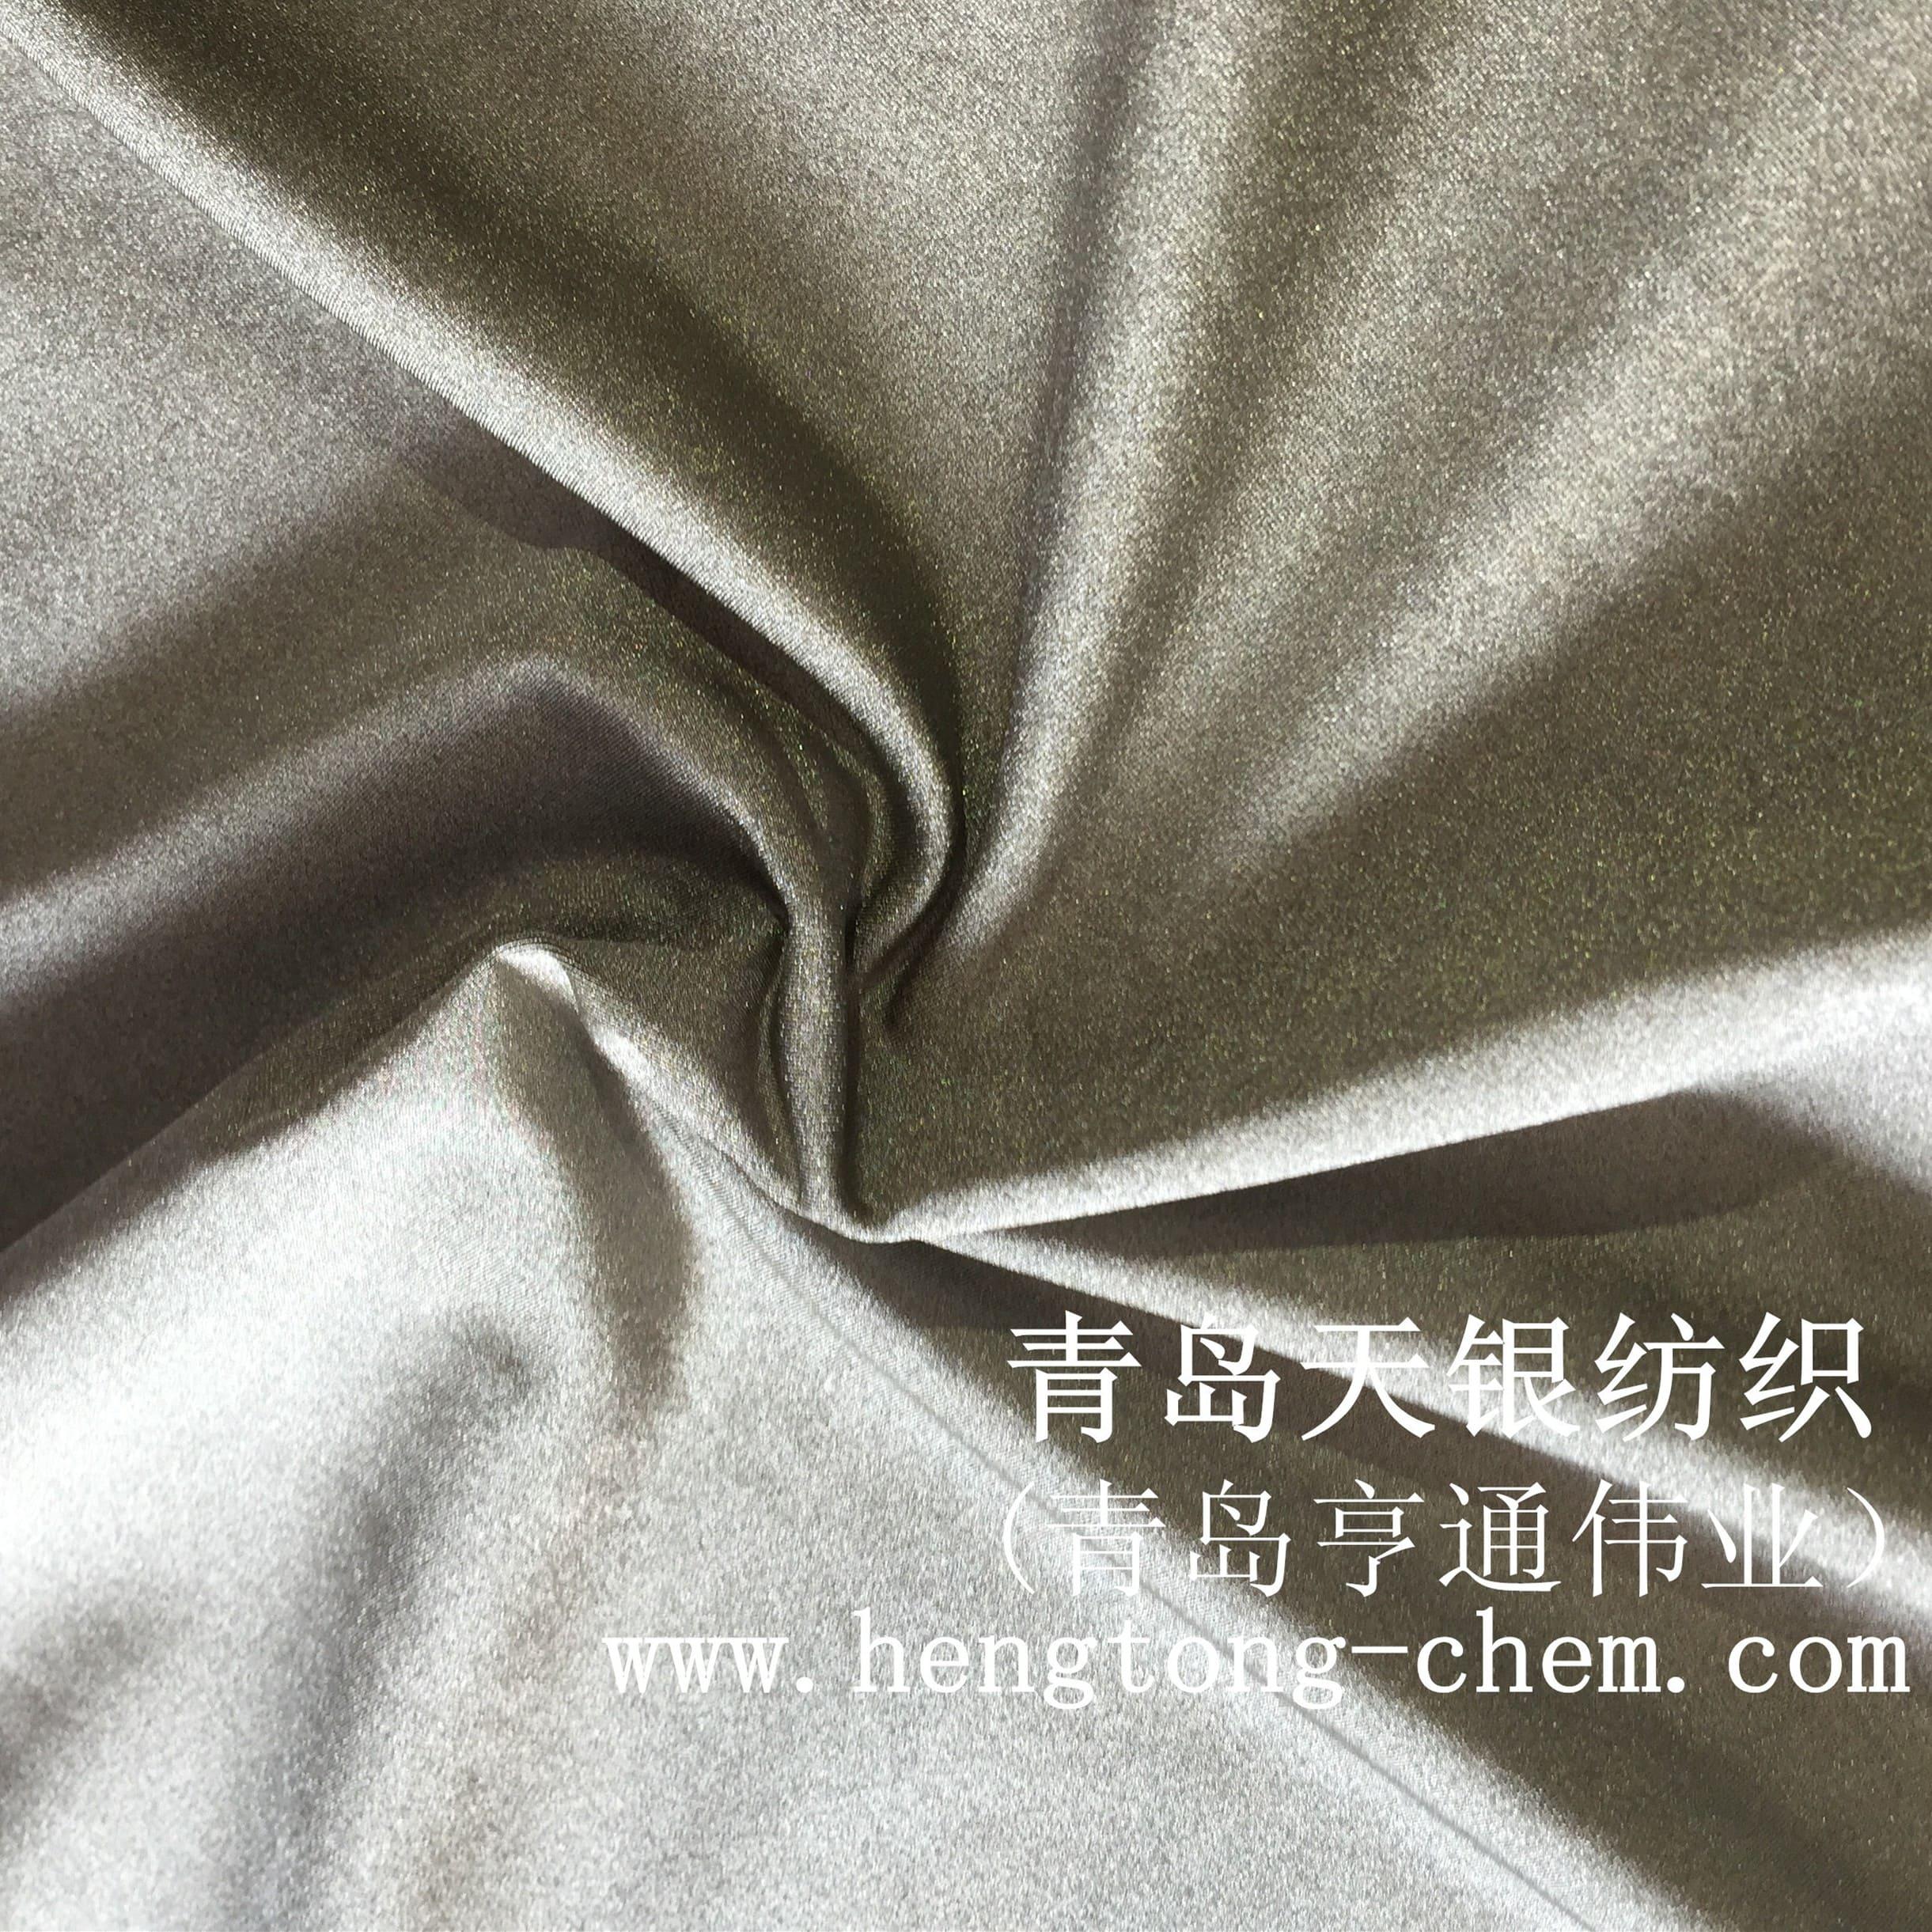 100%银纤维防辐射弹力布(加厚四面弹)HTL-2